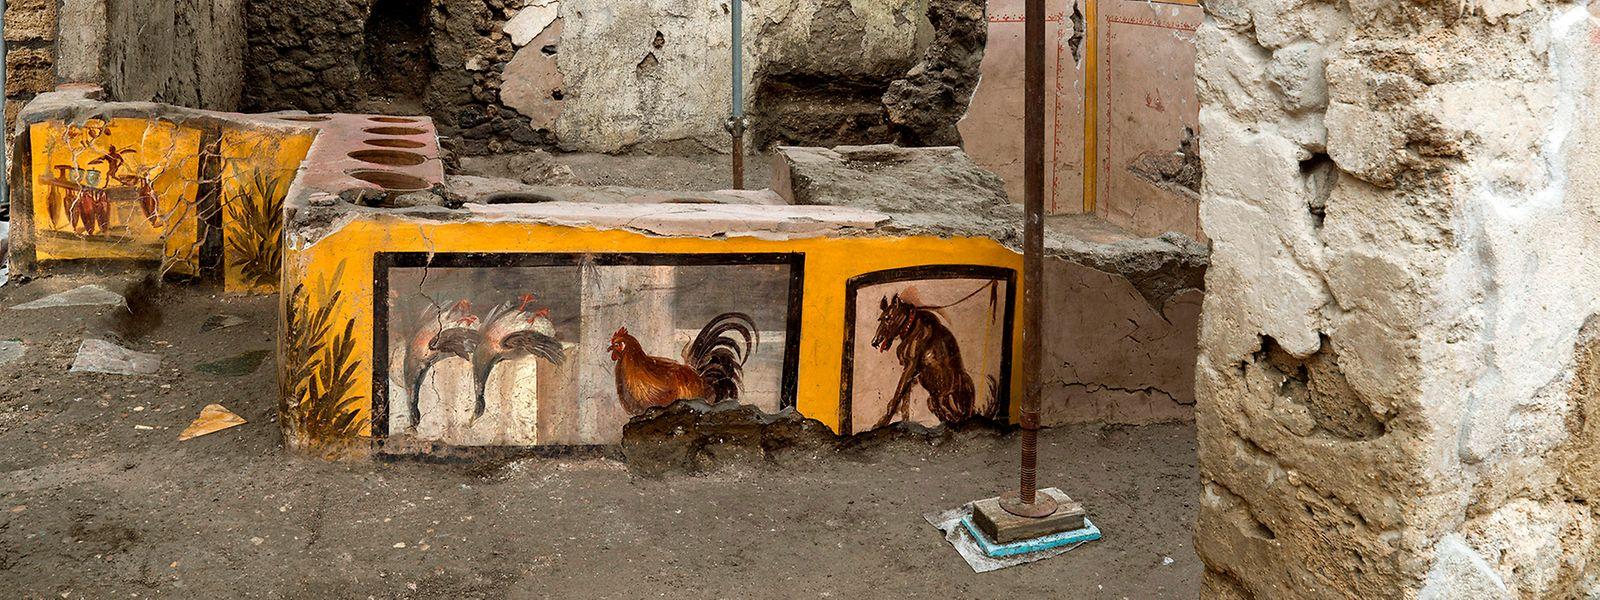 """Die """"Snack Bar"""", wie sie das Museum bezeichnete, sei eine der ältesten in Pompeji, teilte der Parco Archeologico mit."""